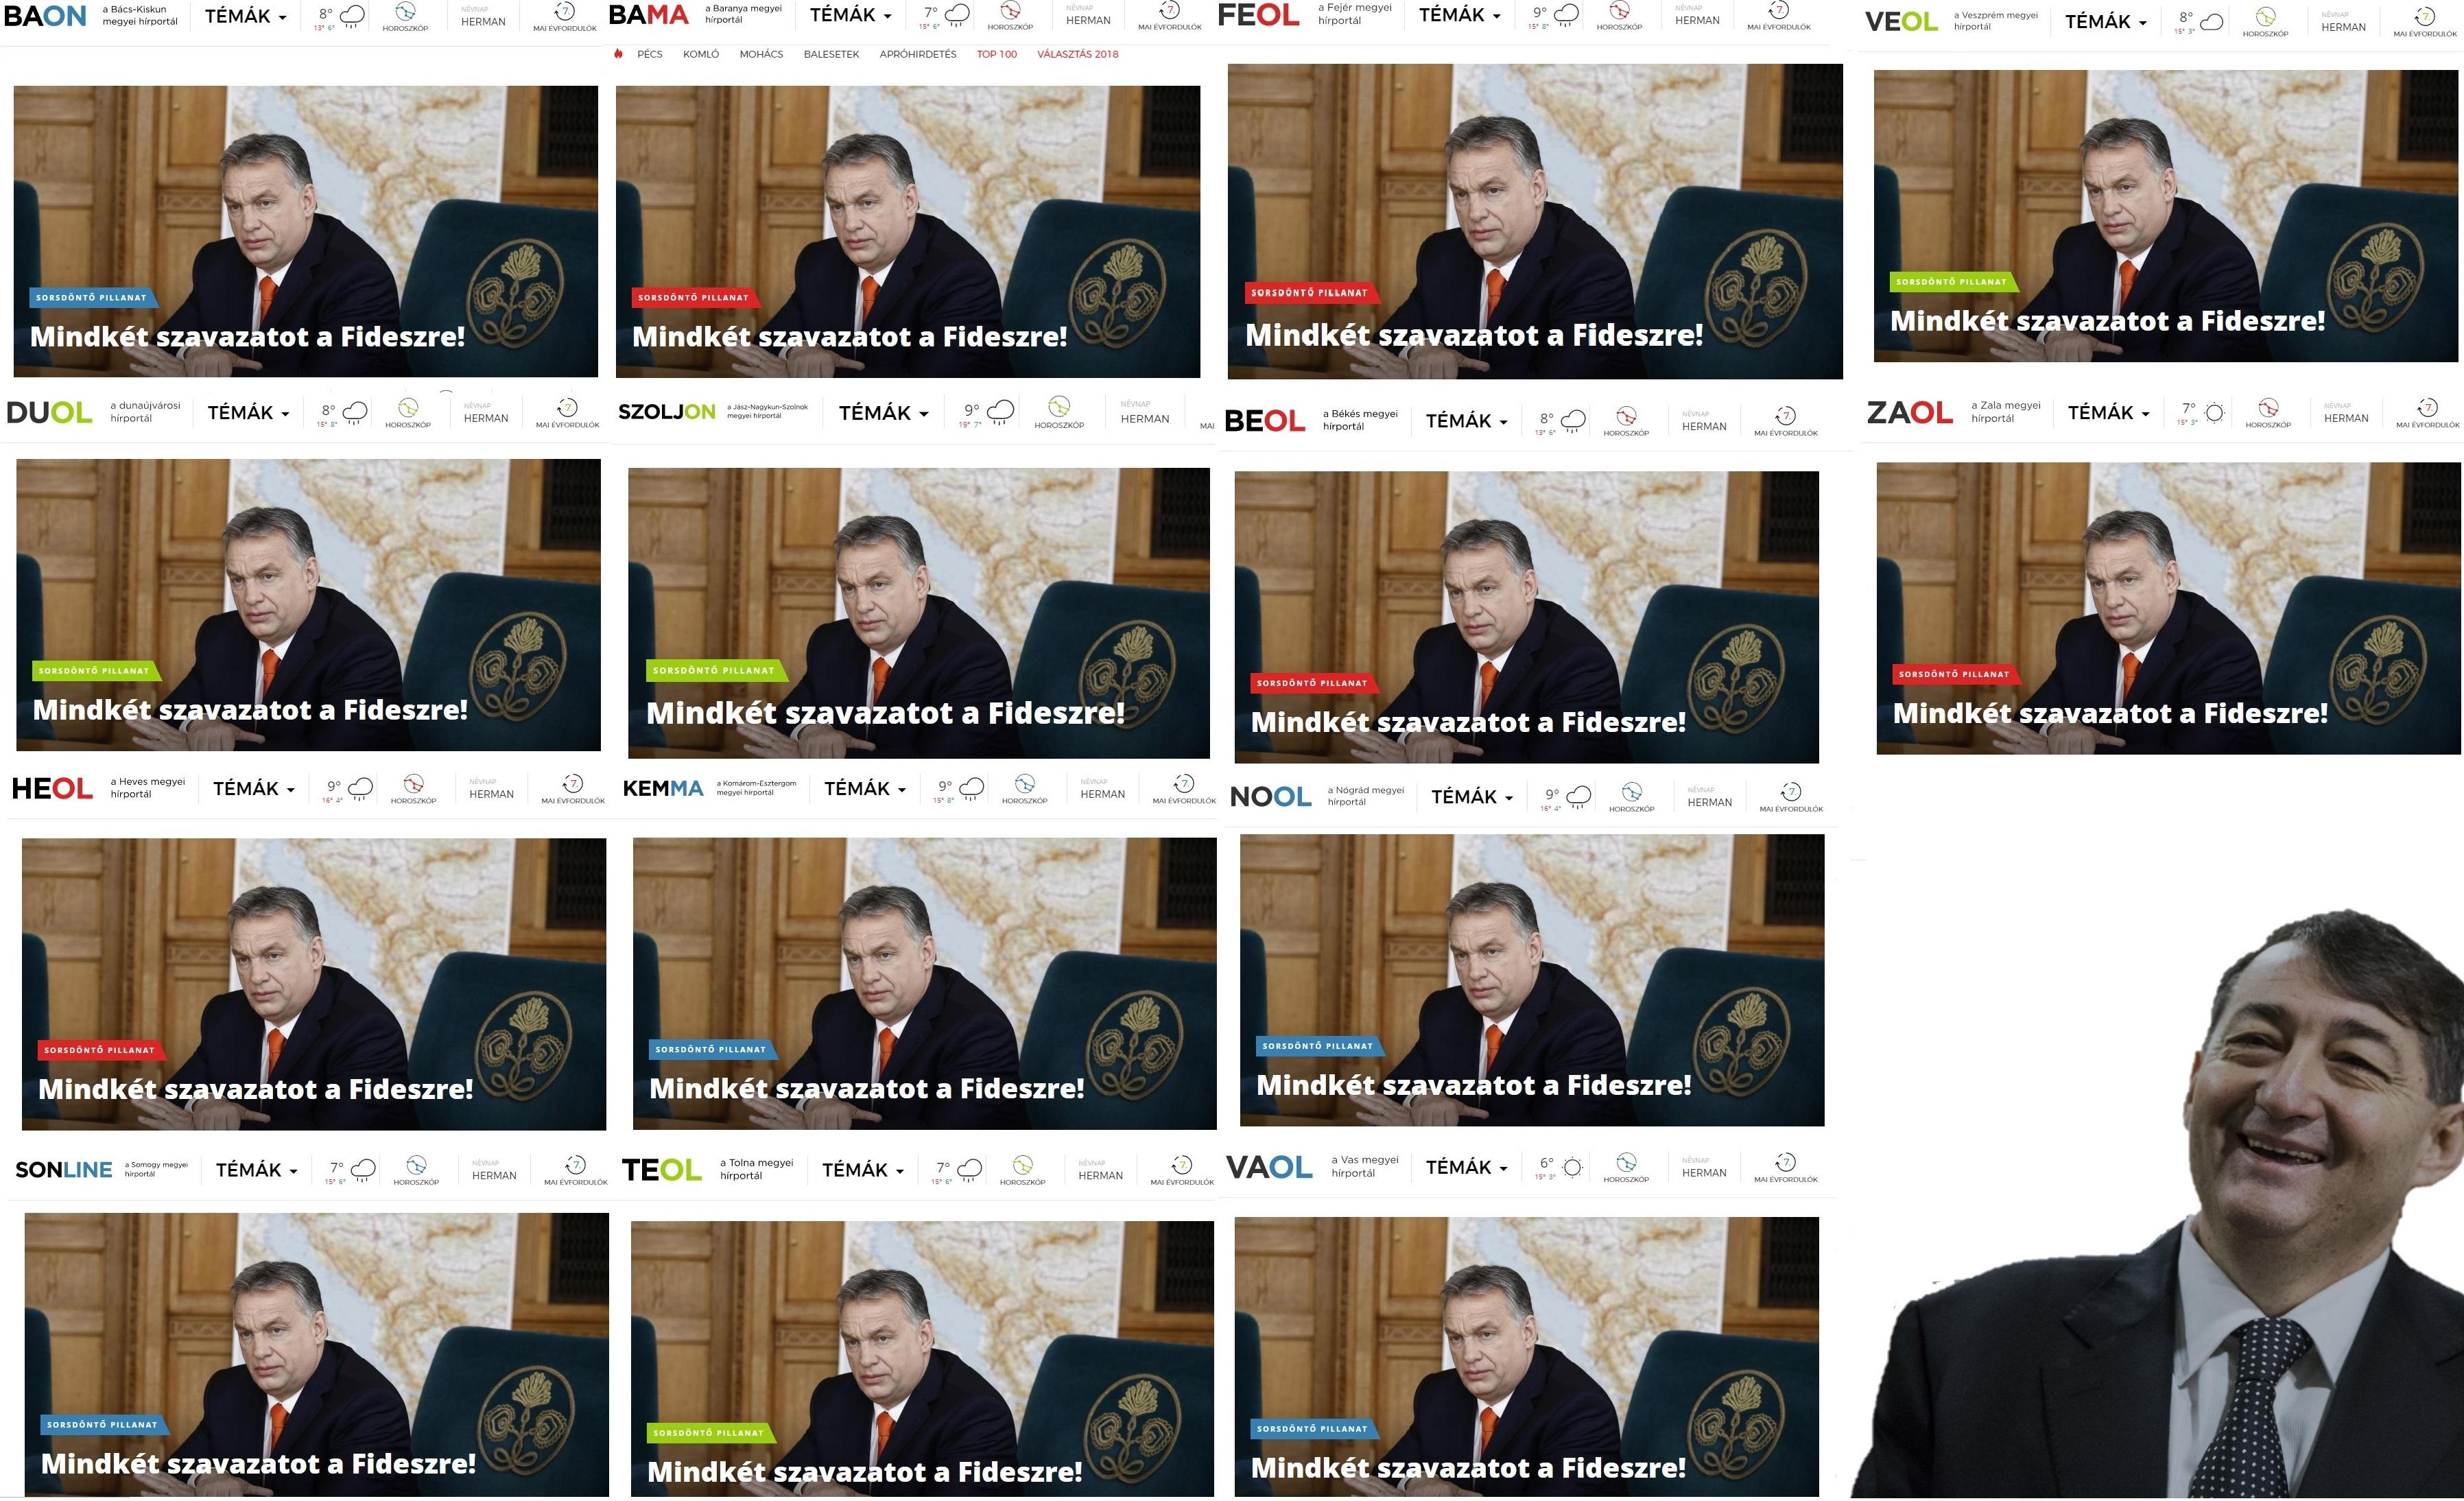 Orbán azt mondja, miközben ő a szabadság oldalán áll, a liberálisok a véleményhegemóniáén